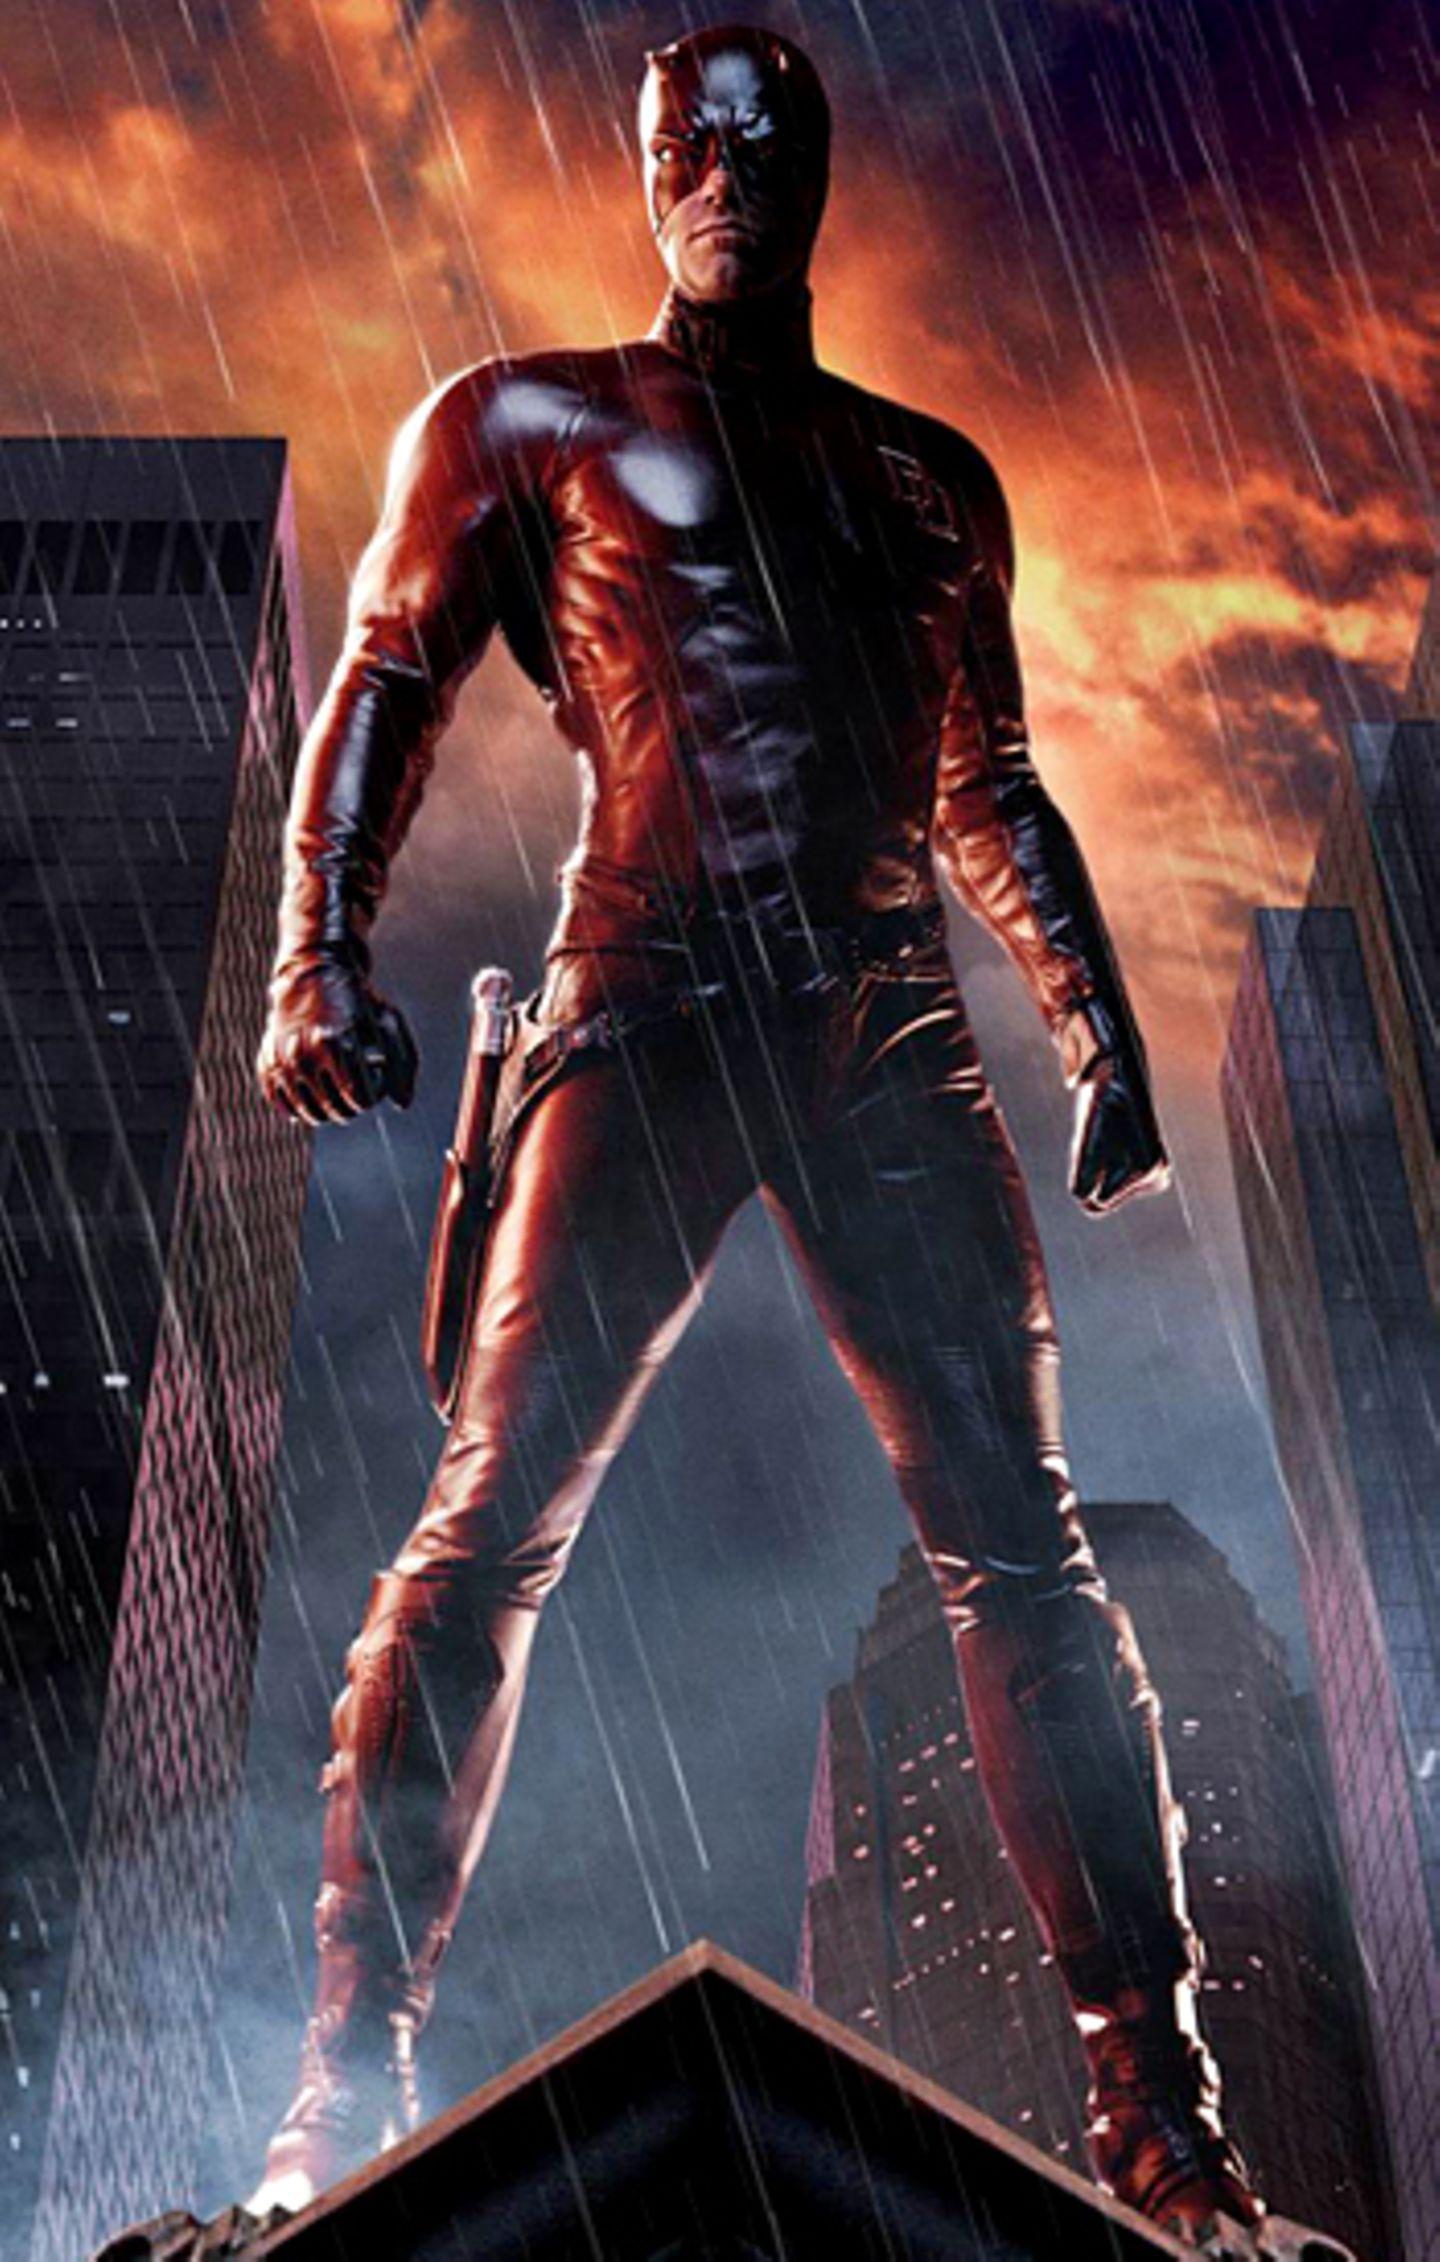 Daredevil - Ben Affleck - 2003